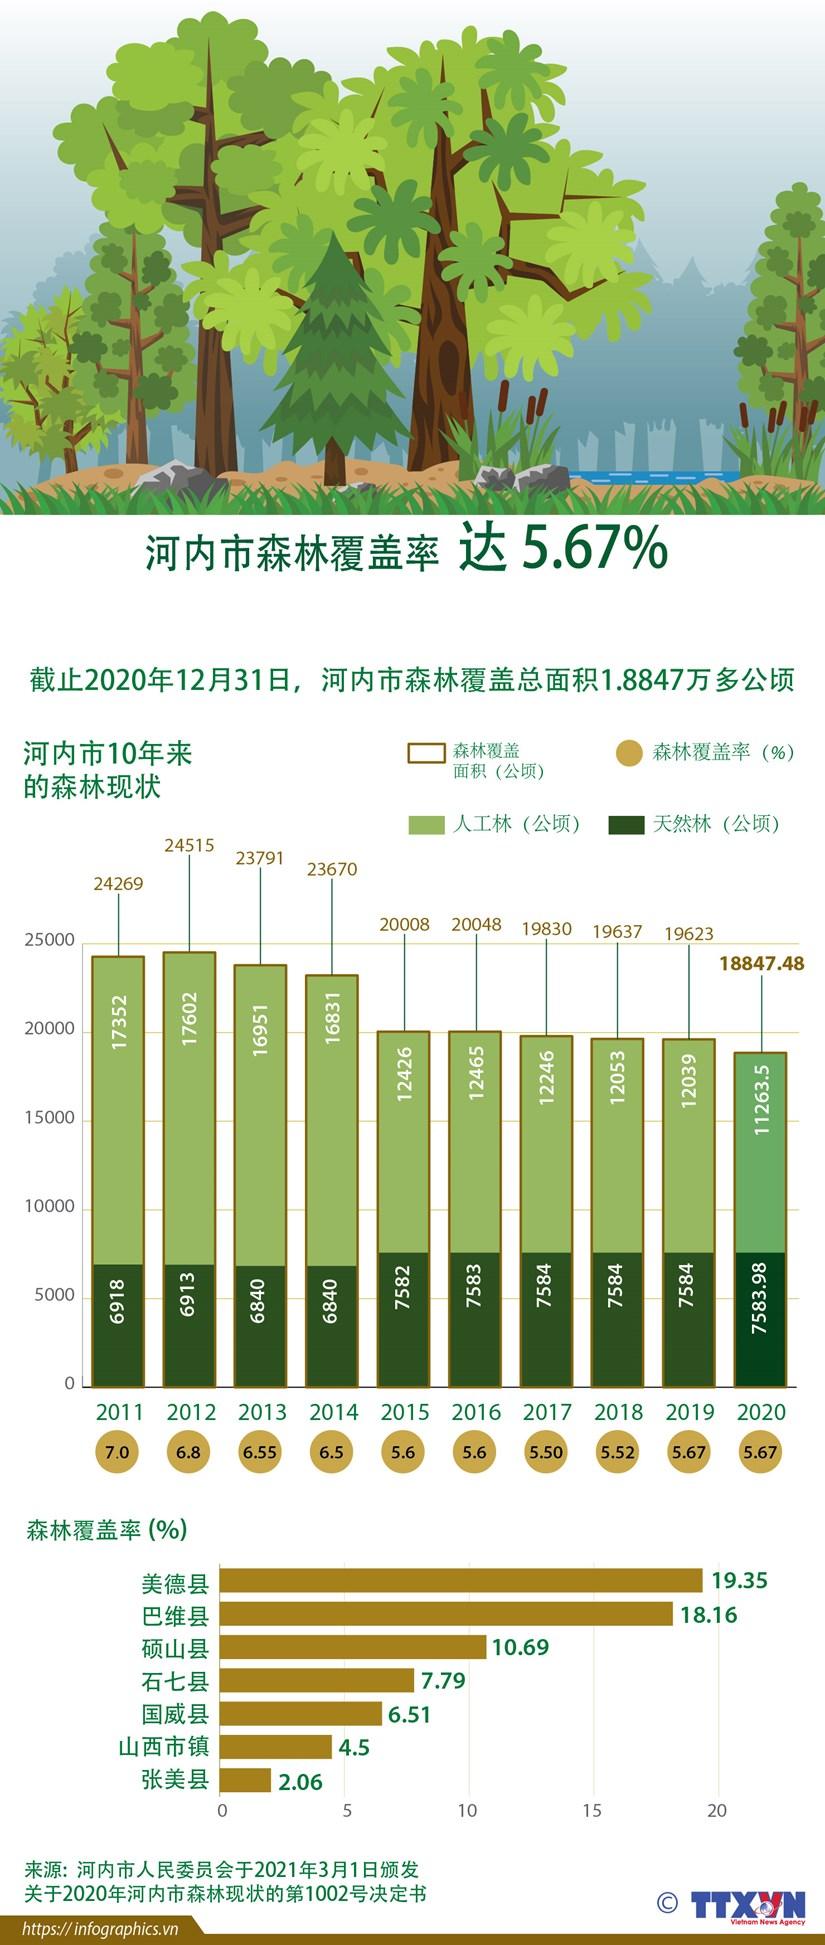 图表新闻:河内市森林覆盖率达 5.67% hinh anh 1